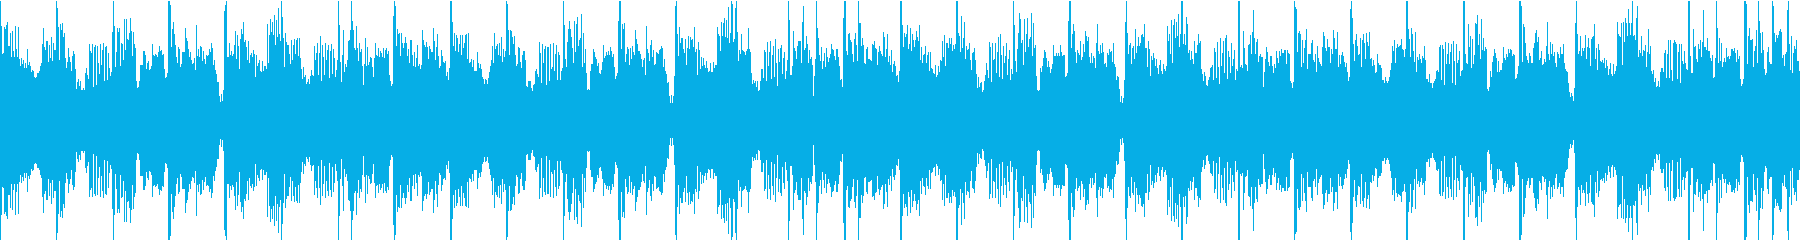 モダンなインディーロックサウンドと...の再生済みの波形